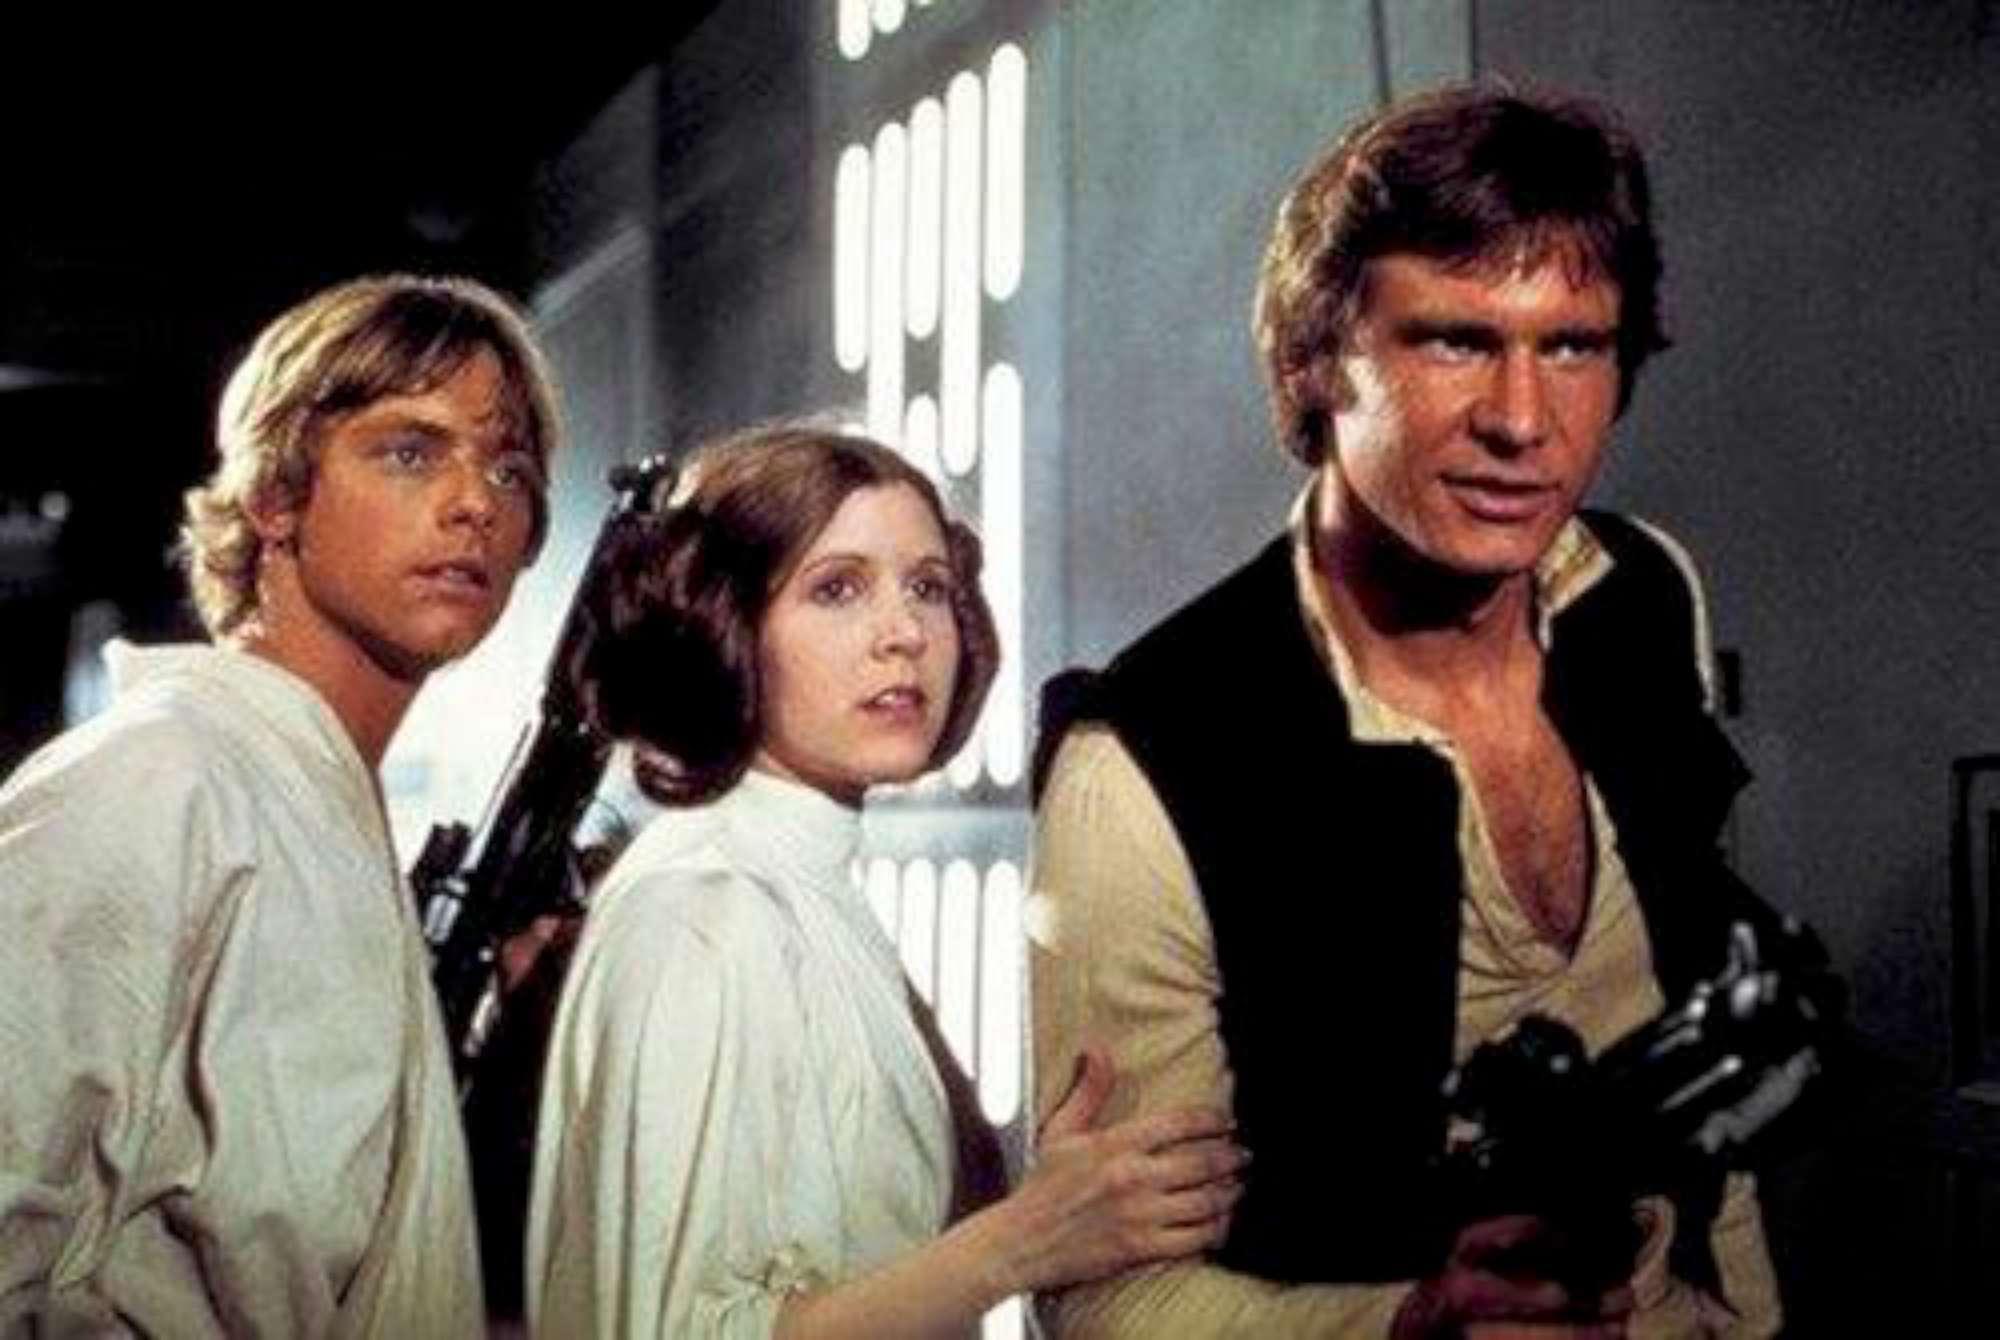 Le eroine di  Star Wars  sexy e senza veli: da Carrie Fisher a Daisy Ridley